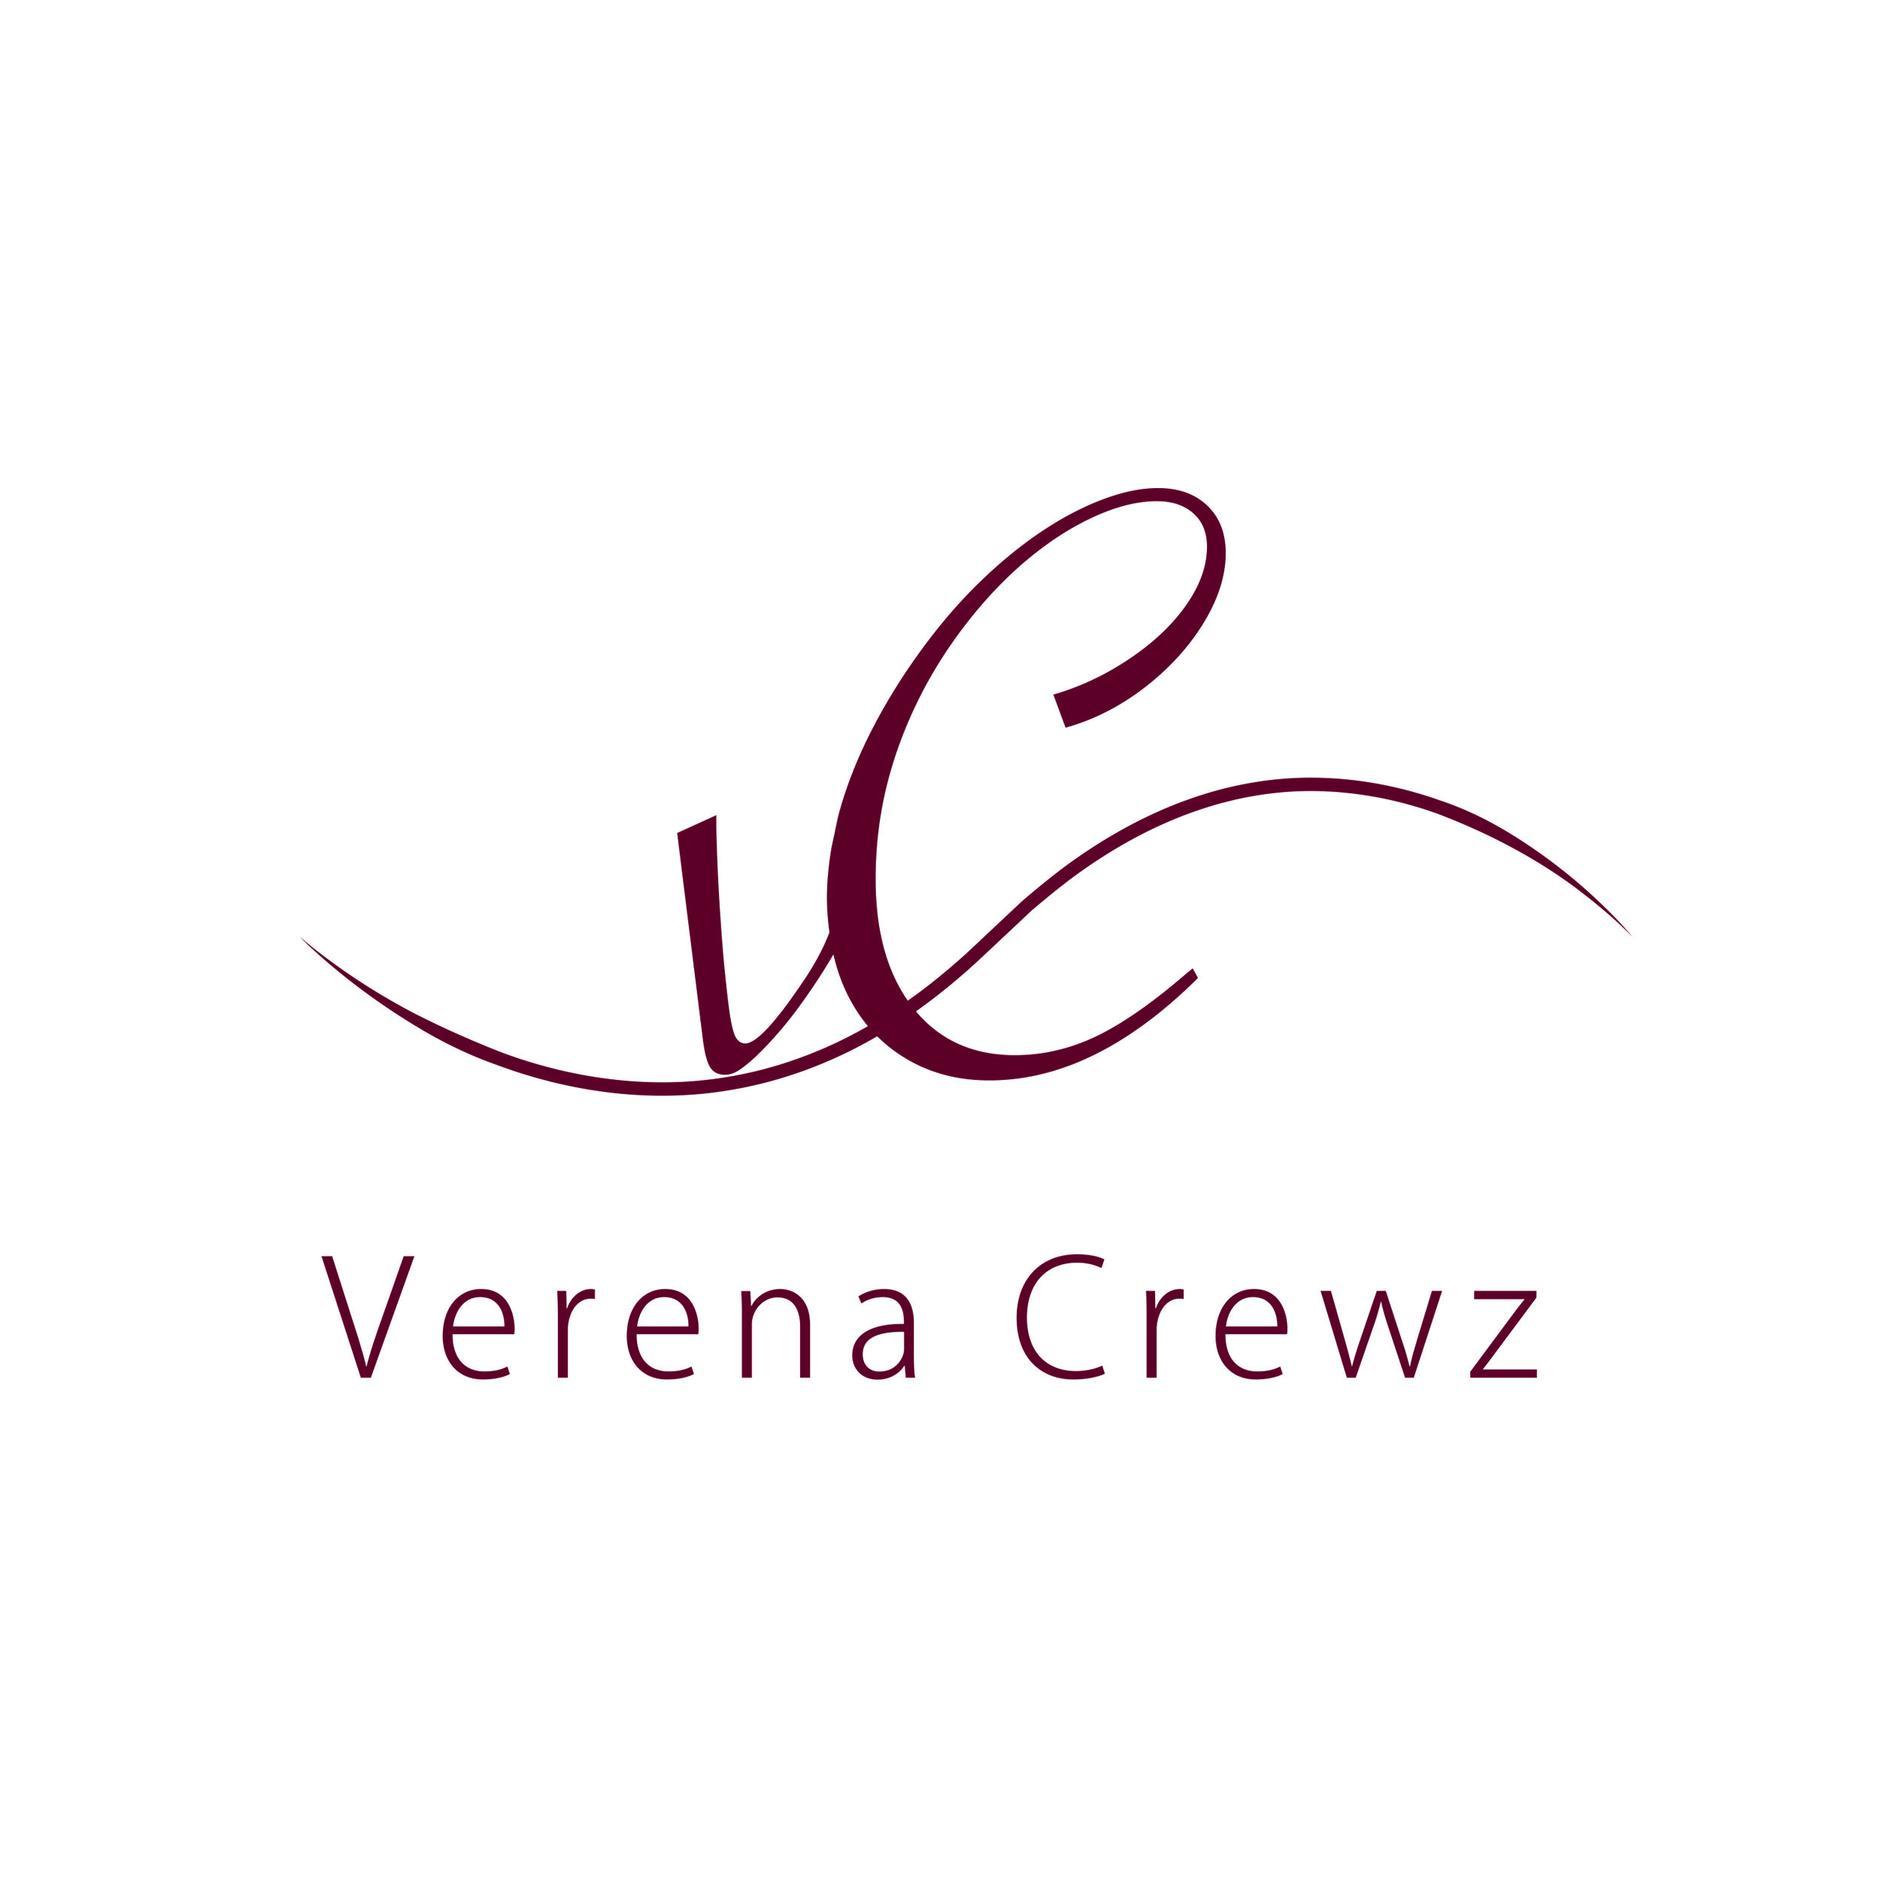 Verena Crewz(ヴェレナクルーズ)